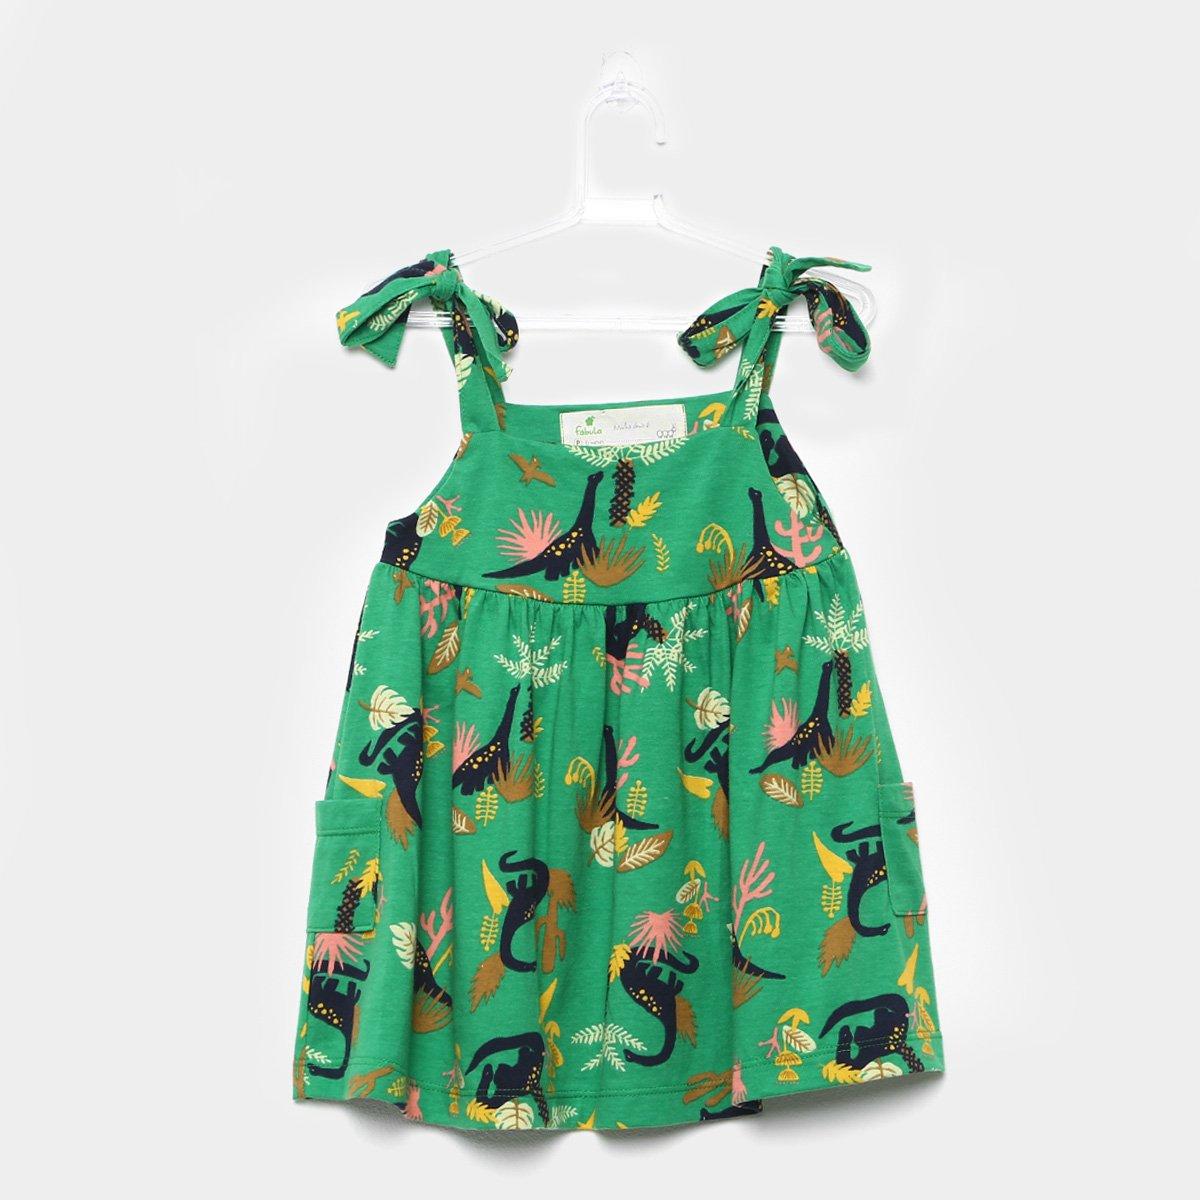 Vestido Infantil Fábula Estampado Dinossauros Feminino - Compre Agora  b42cd58ef4a